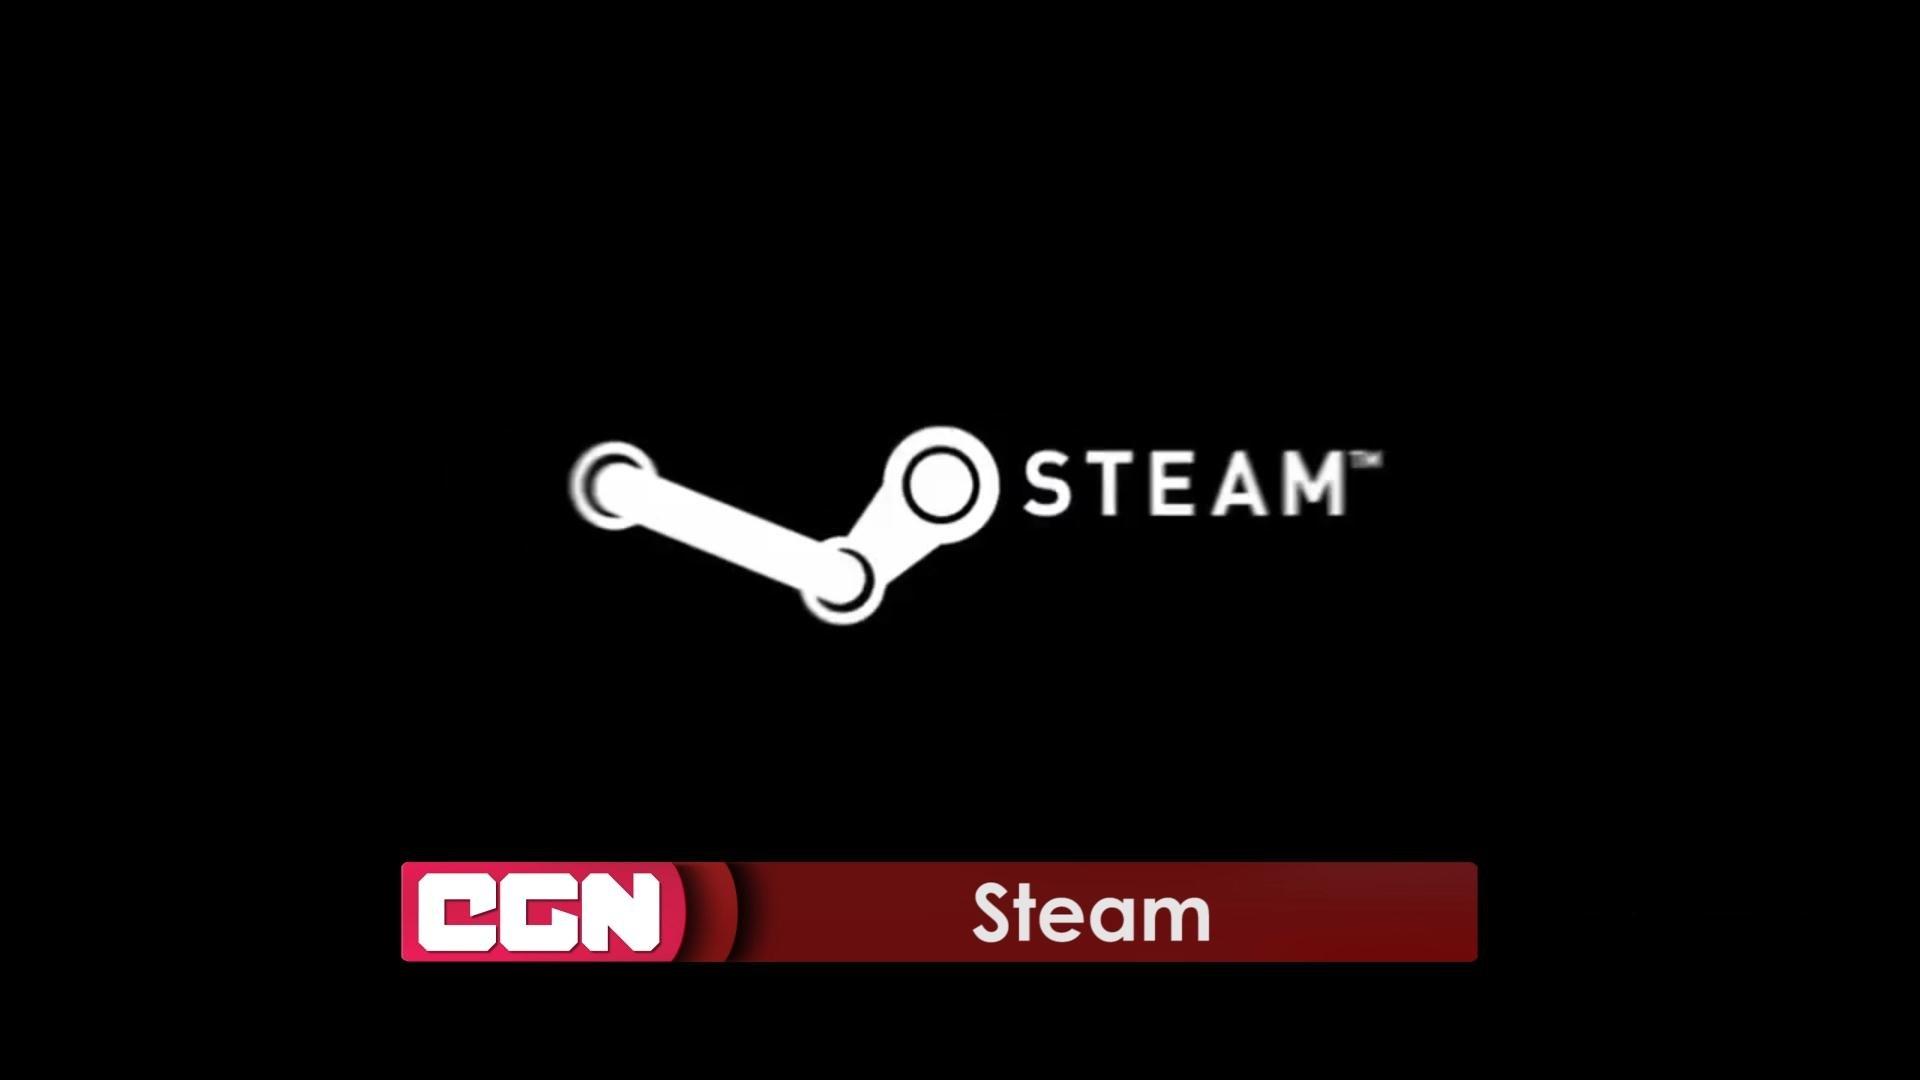 CGN новости - Хэллоуинская распродажа в Steam - 31.10.2014 13:00